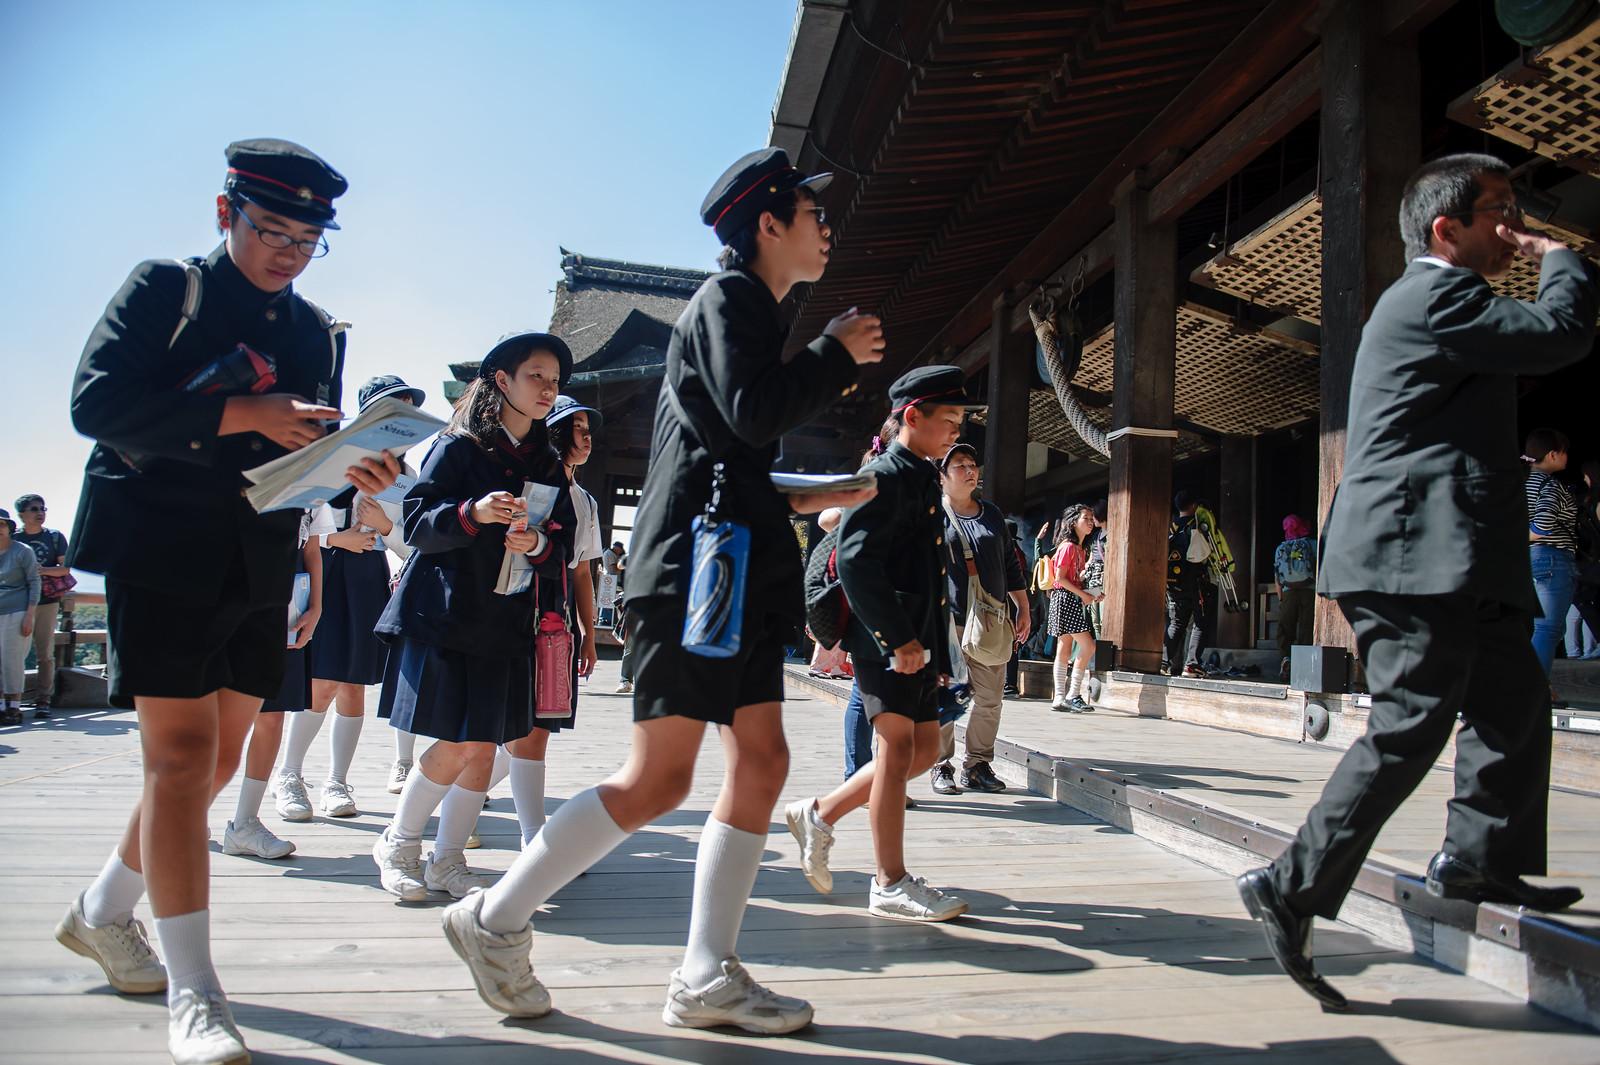 2015VQ@Kyoto-439